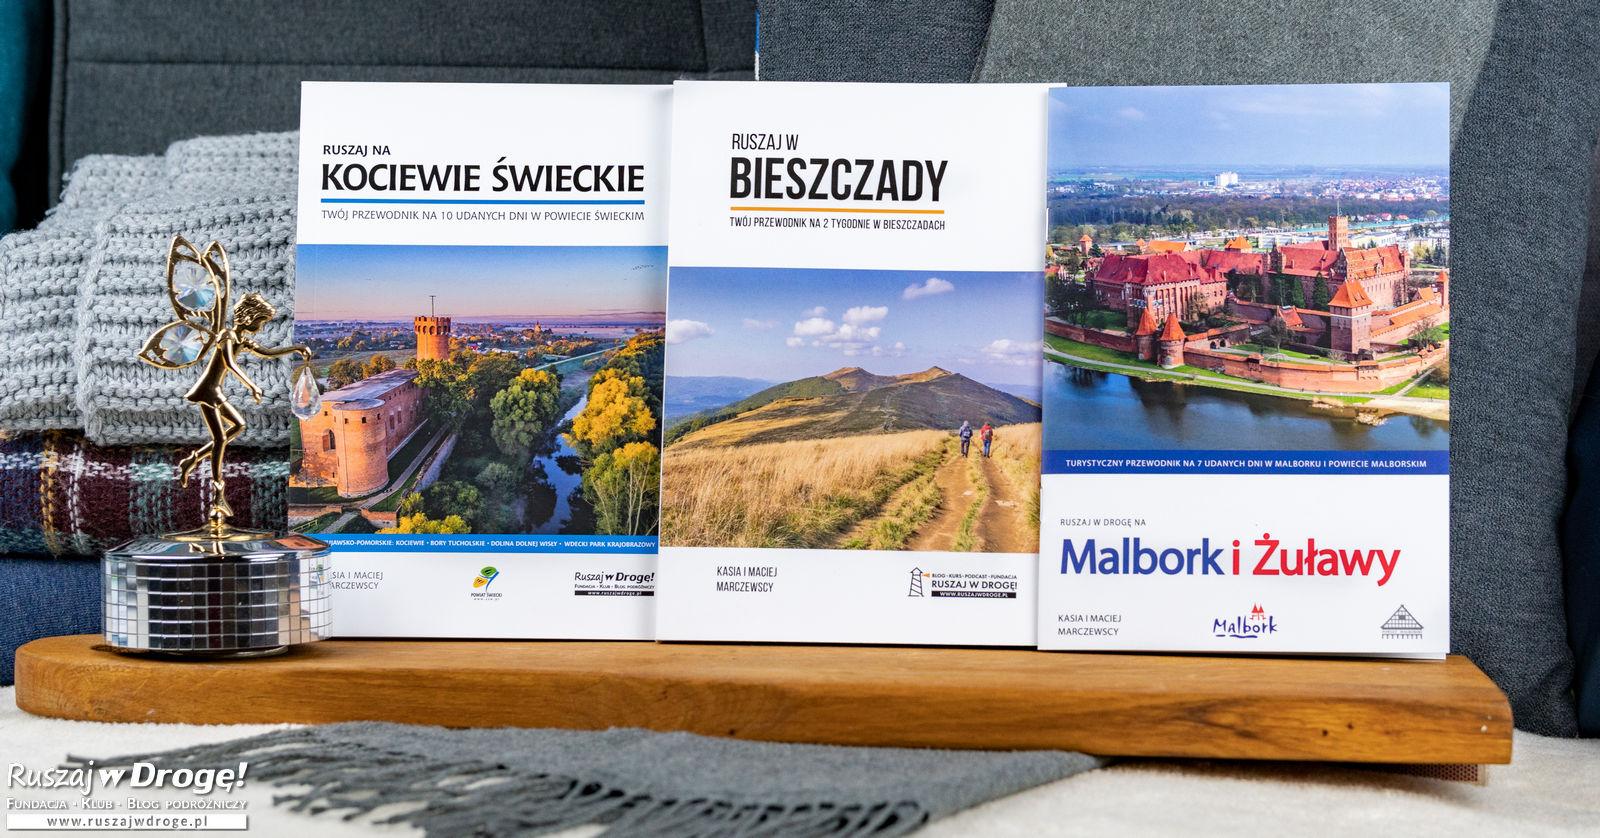 (PAKIET 2+1) Przewodnik: Bieszczady, Kociewie Świeckie + Malbork i Żuławy. Plan na 31 dni w drodze!